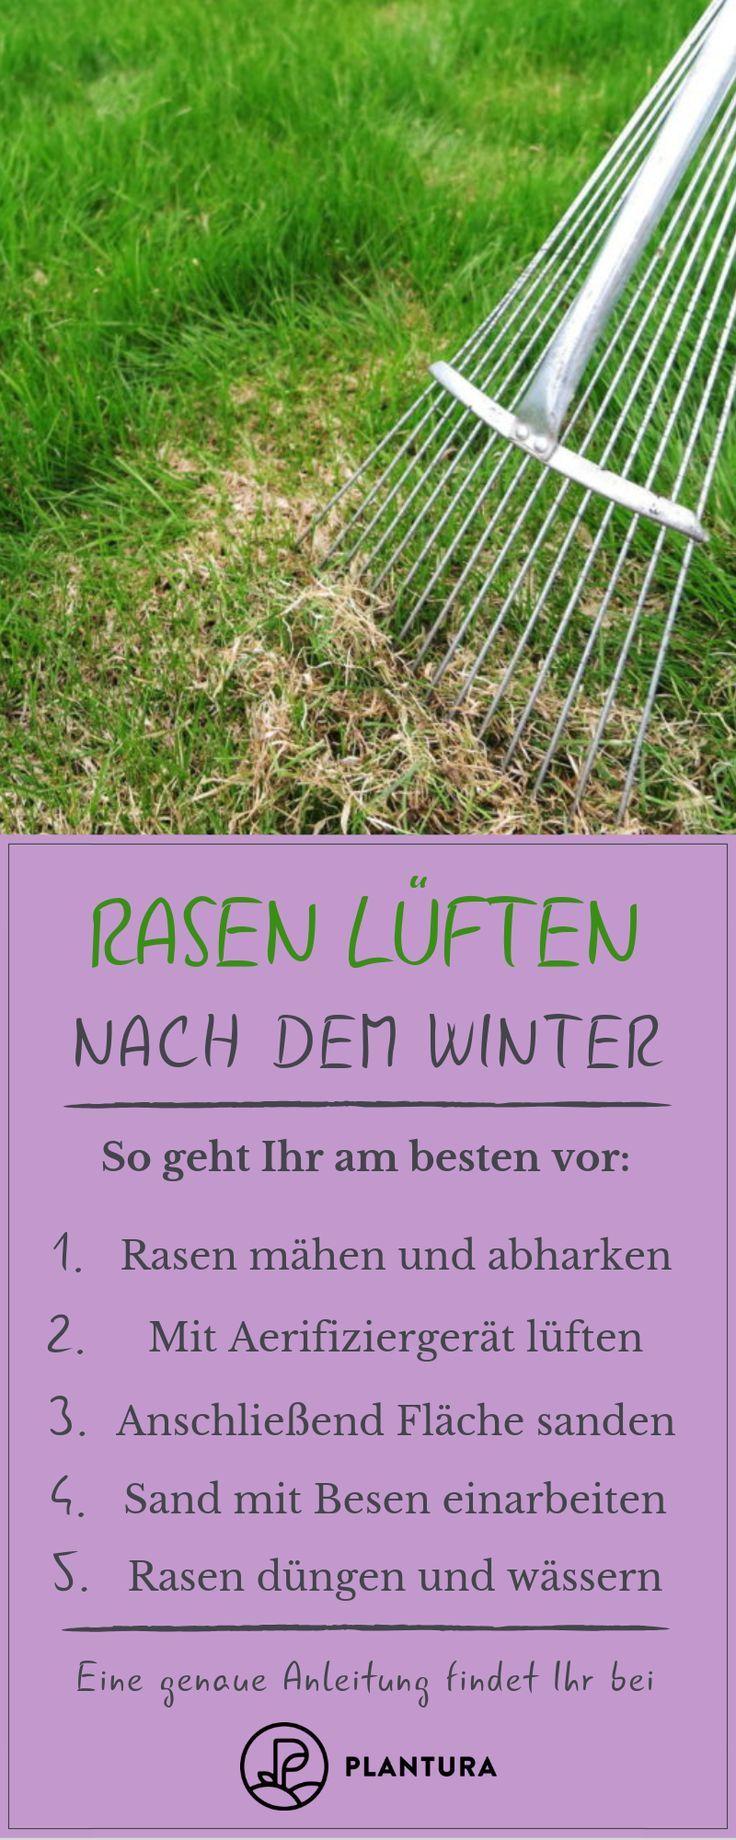 Rasen Nach Dem Winter Damit Ihr Rasen Perfekt Ins Neue Jahr Startet Damit Dem Ihr Ins Jahr Nach Neue Perfekt Rasen Startet Winter Garden Tools